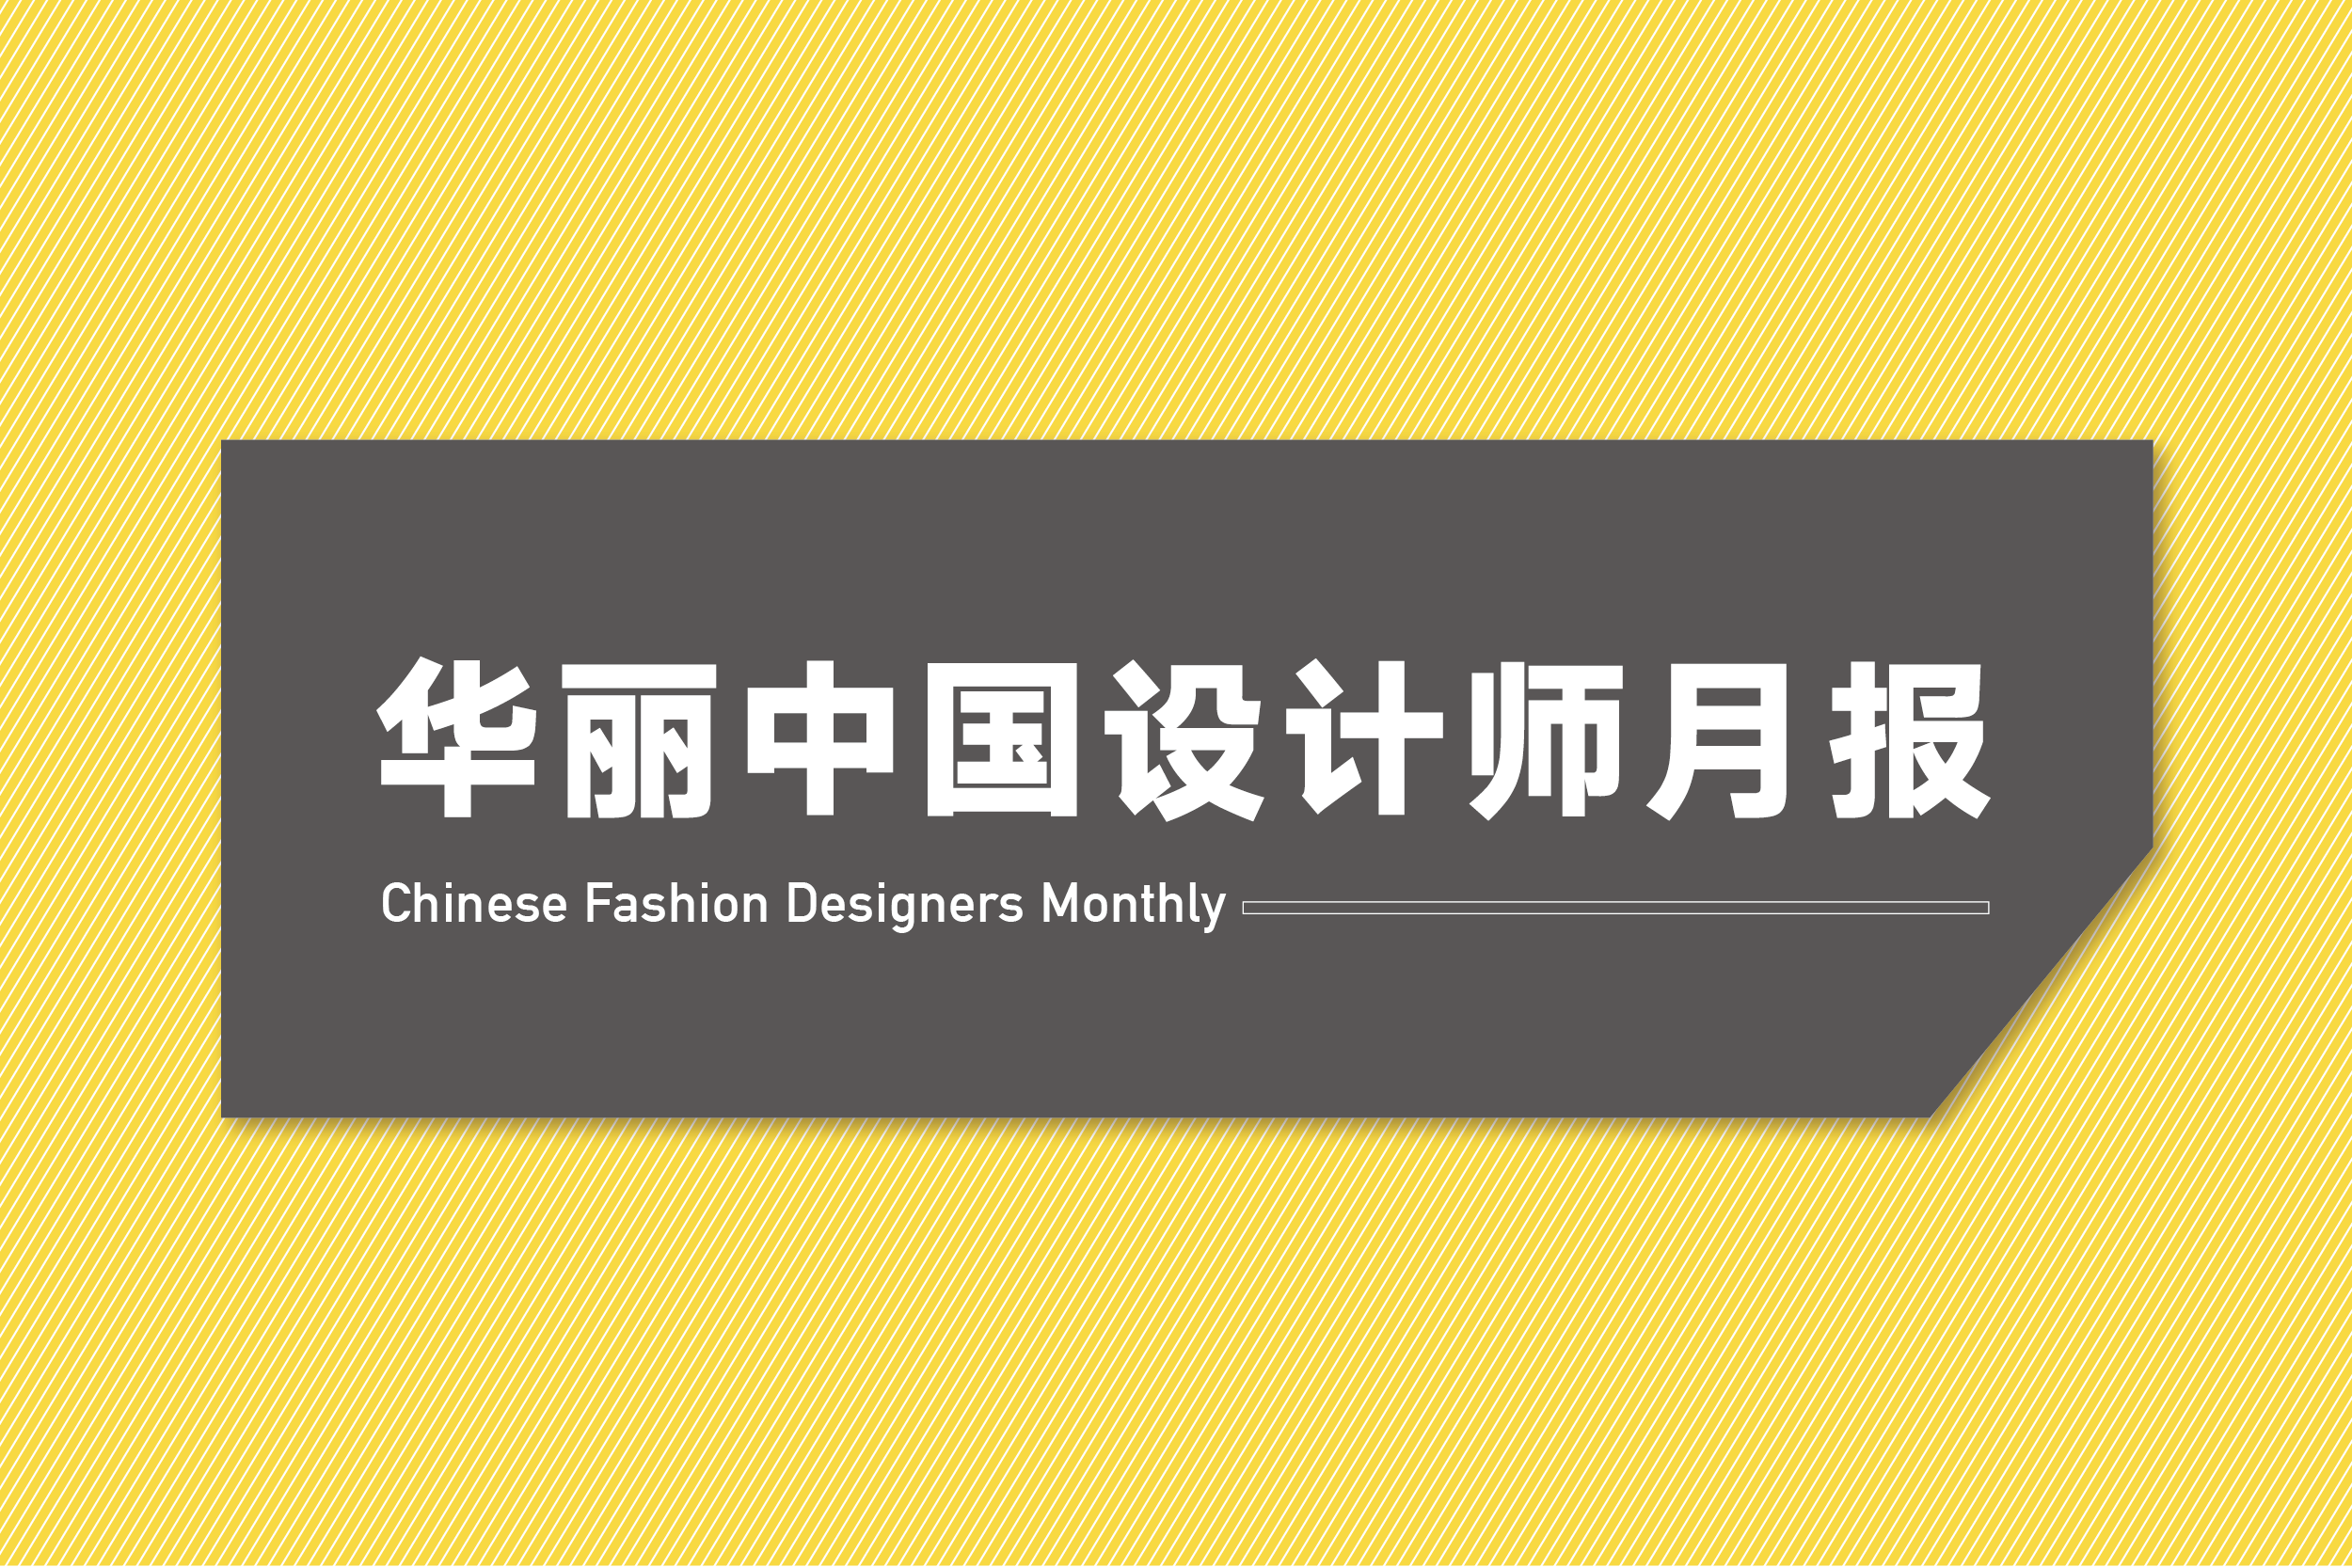 【华丽中国设计师月报】2019年4月:独立设计师变身电影导演、杂志主编